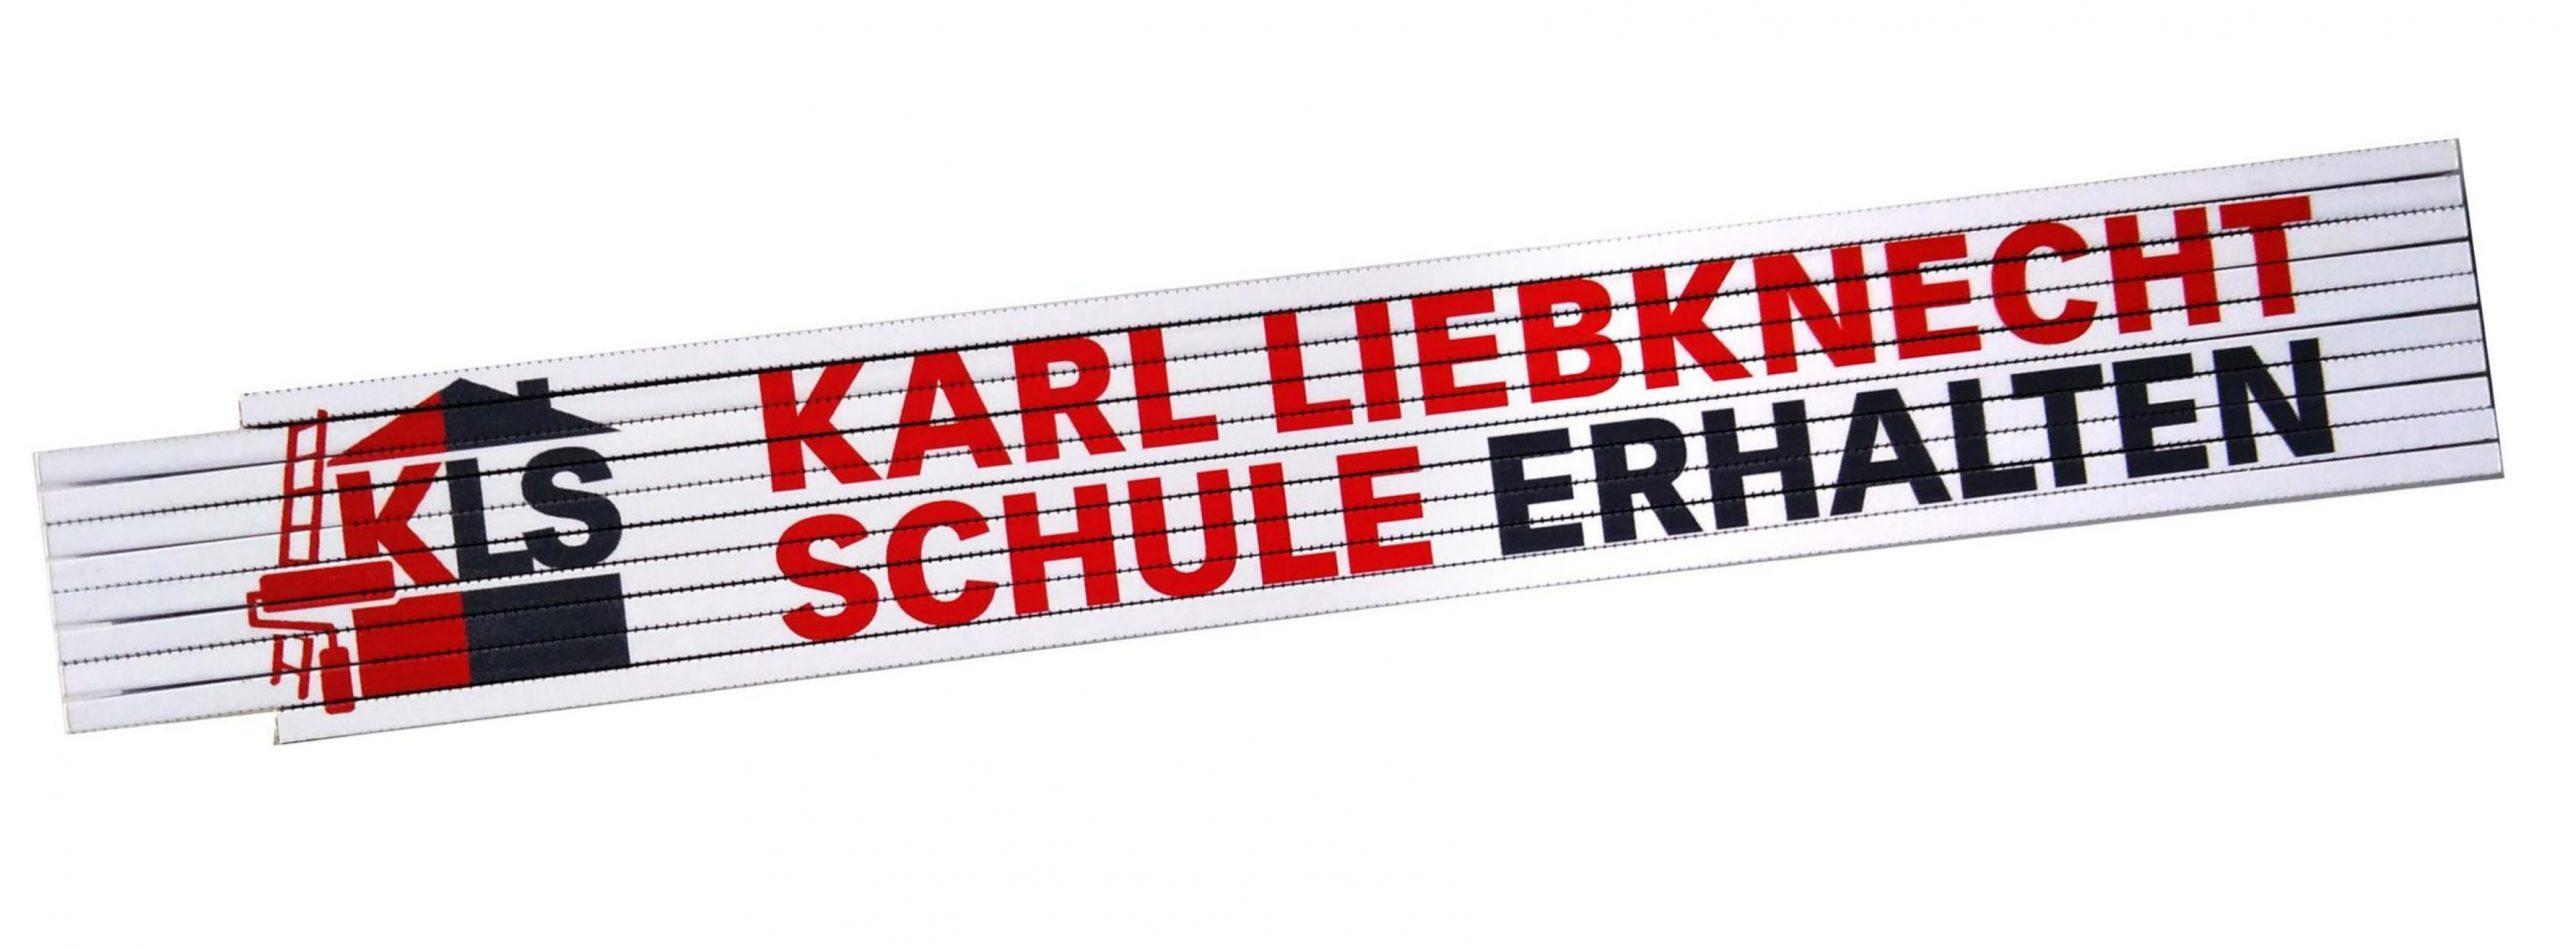 Die Karl-Liebknecht-Schule ist die Bildungseinrichtung der DKP.